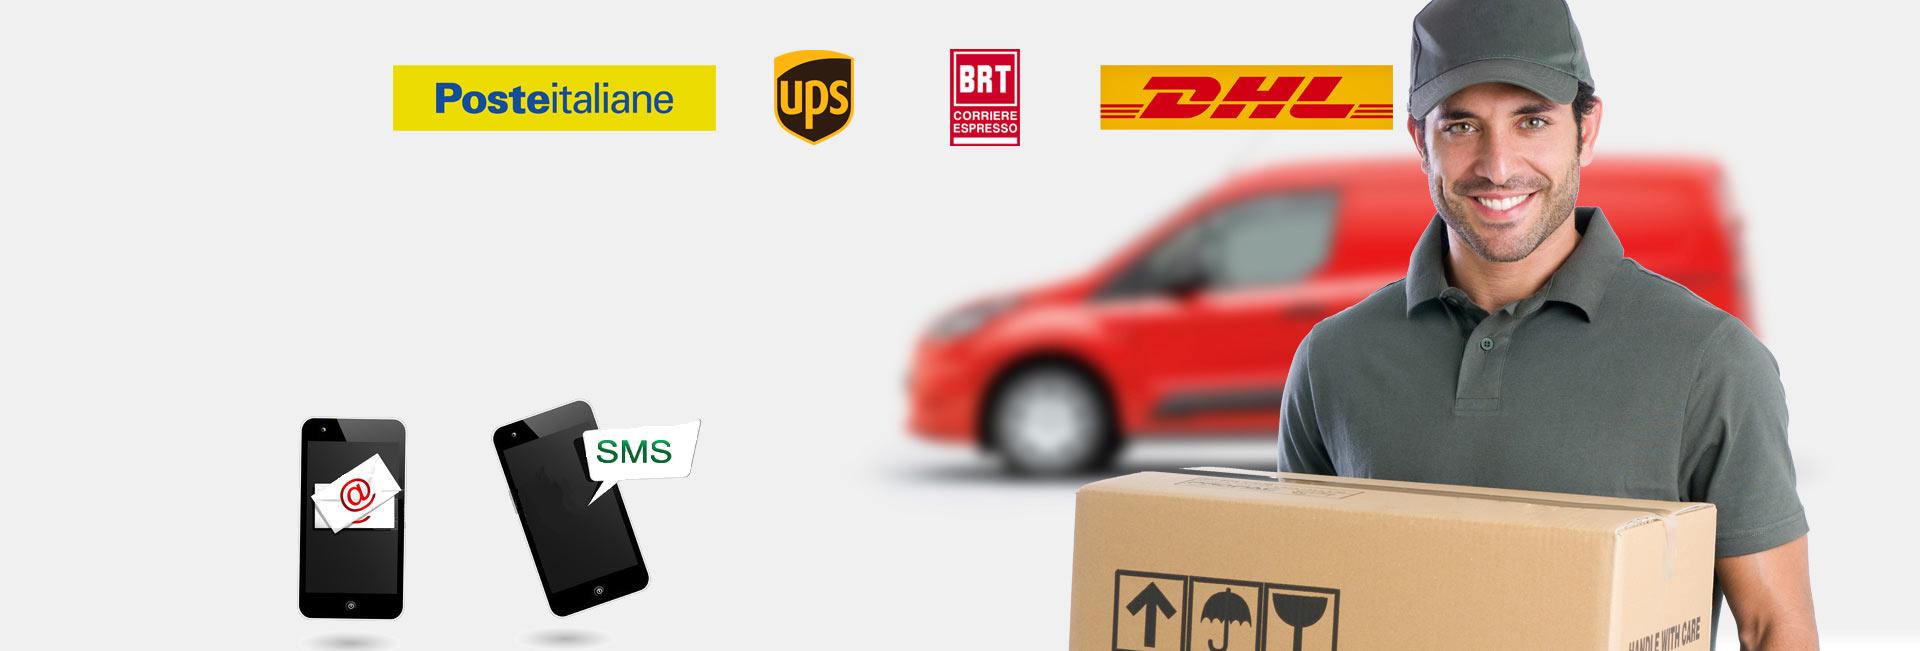 servizi postali e spedizone